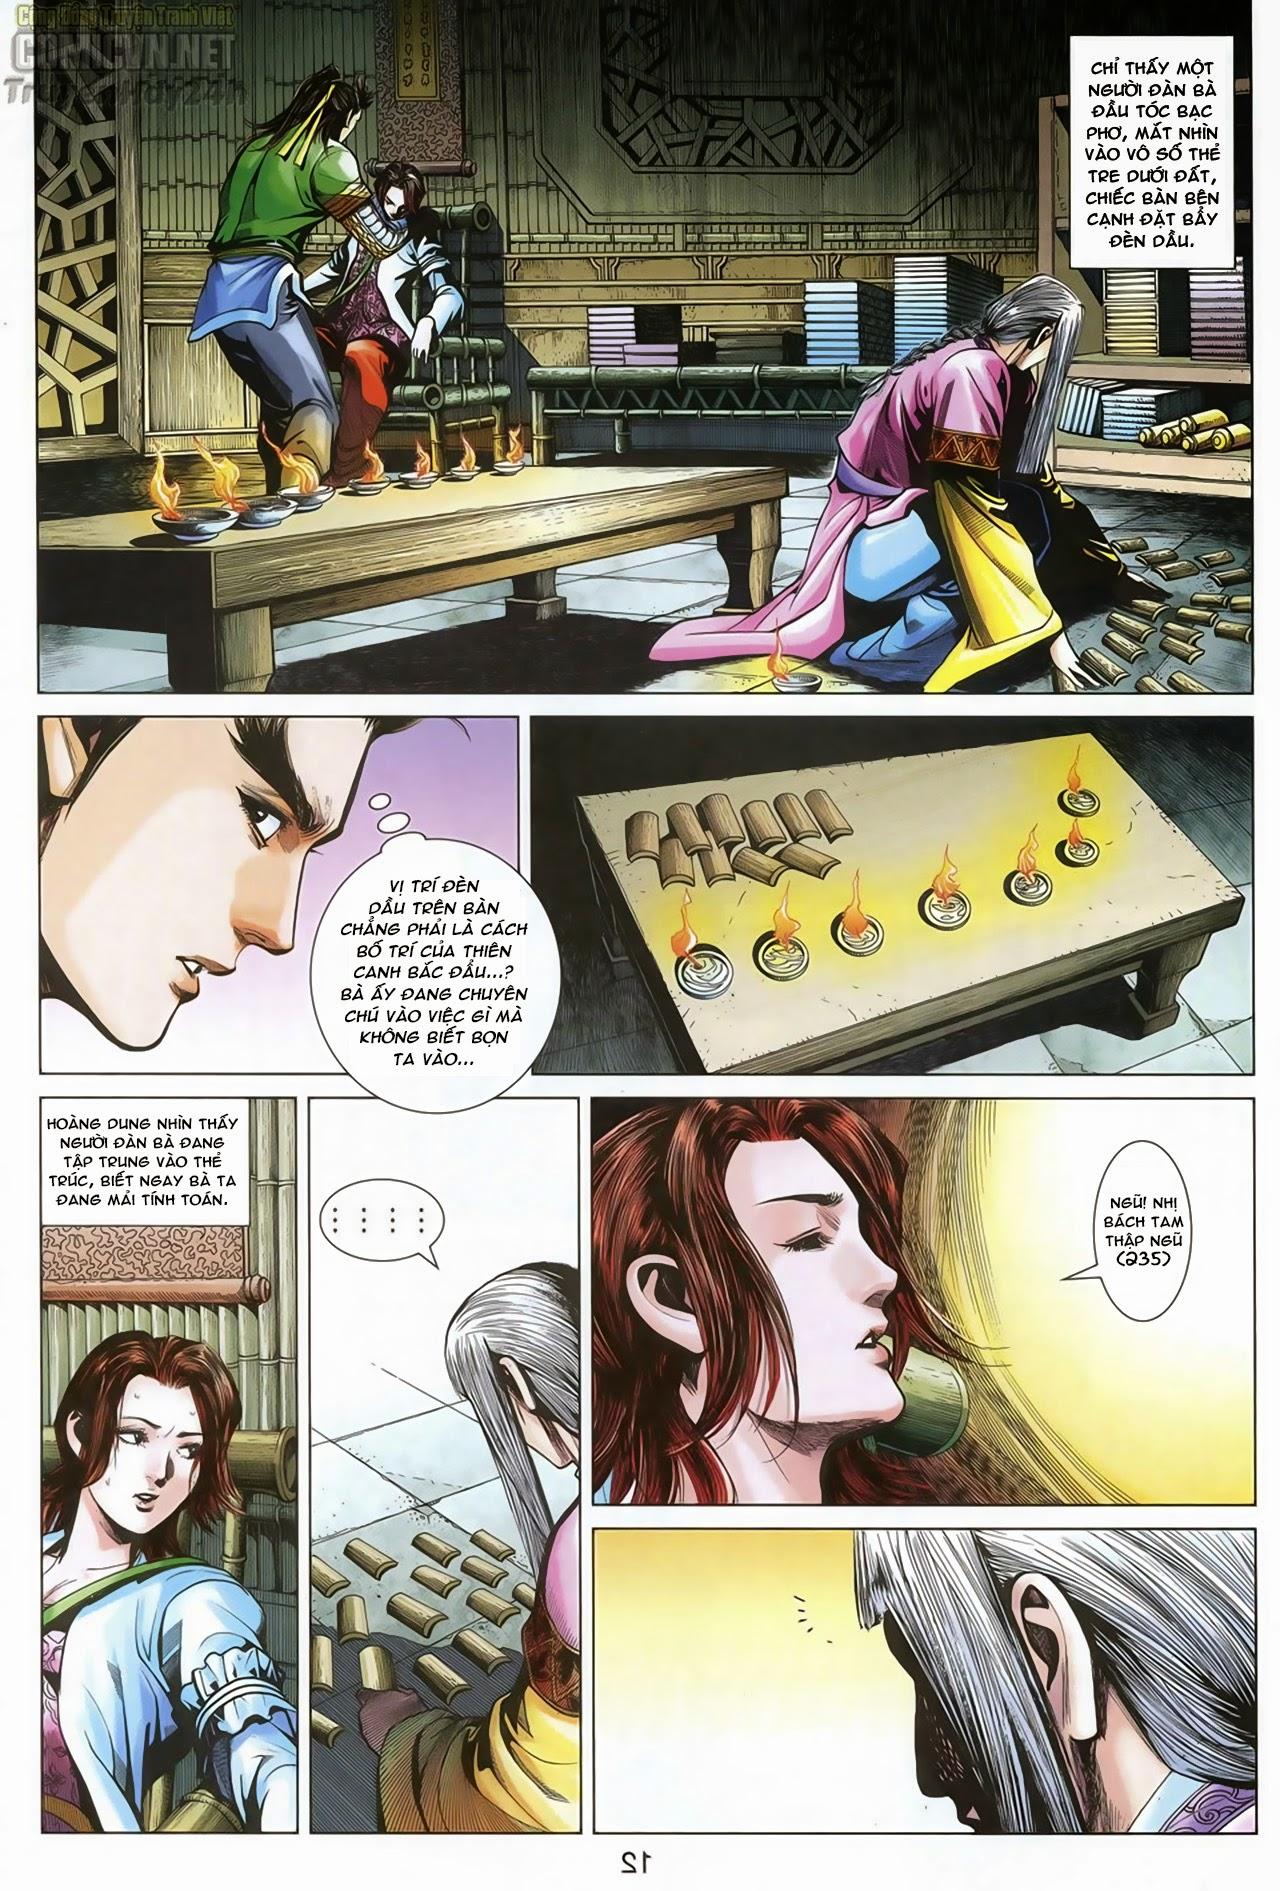 Anh Hùng Xạ Điêu anh hùng xạ đêu chap 70: hắc chiểu ẩn nữ trang 13